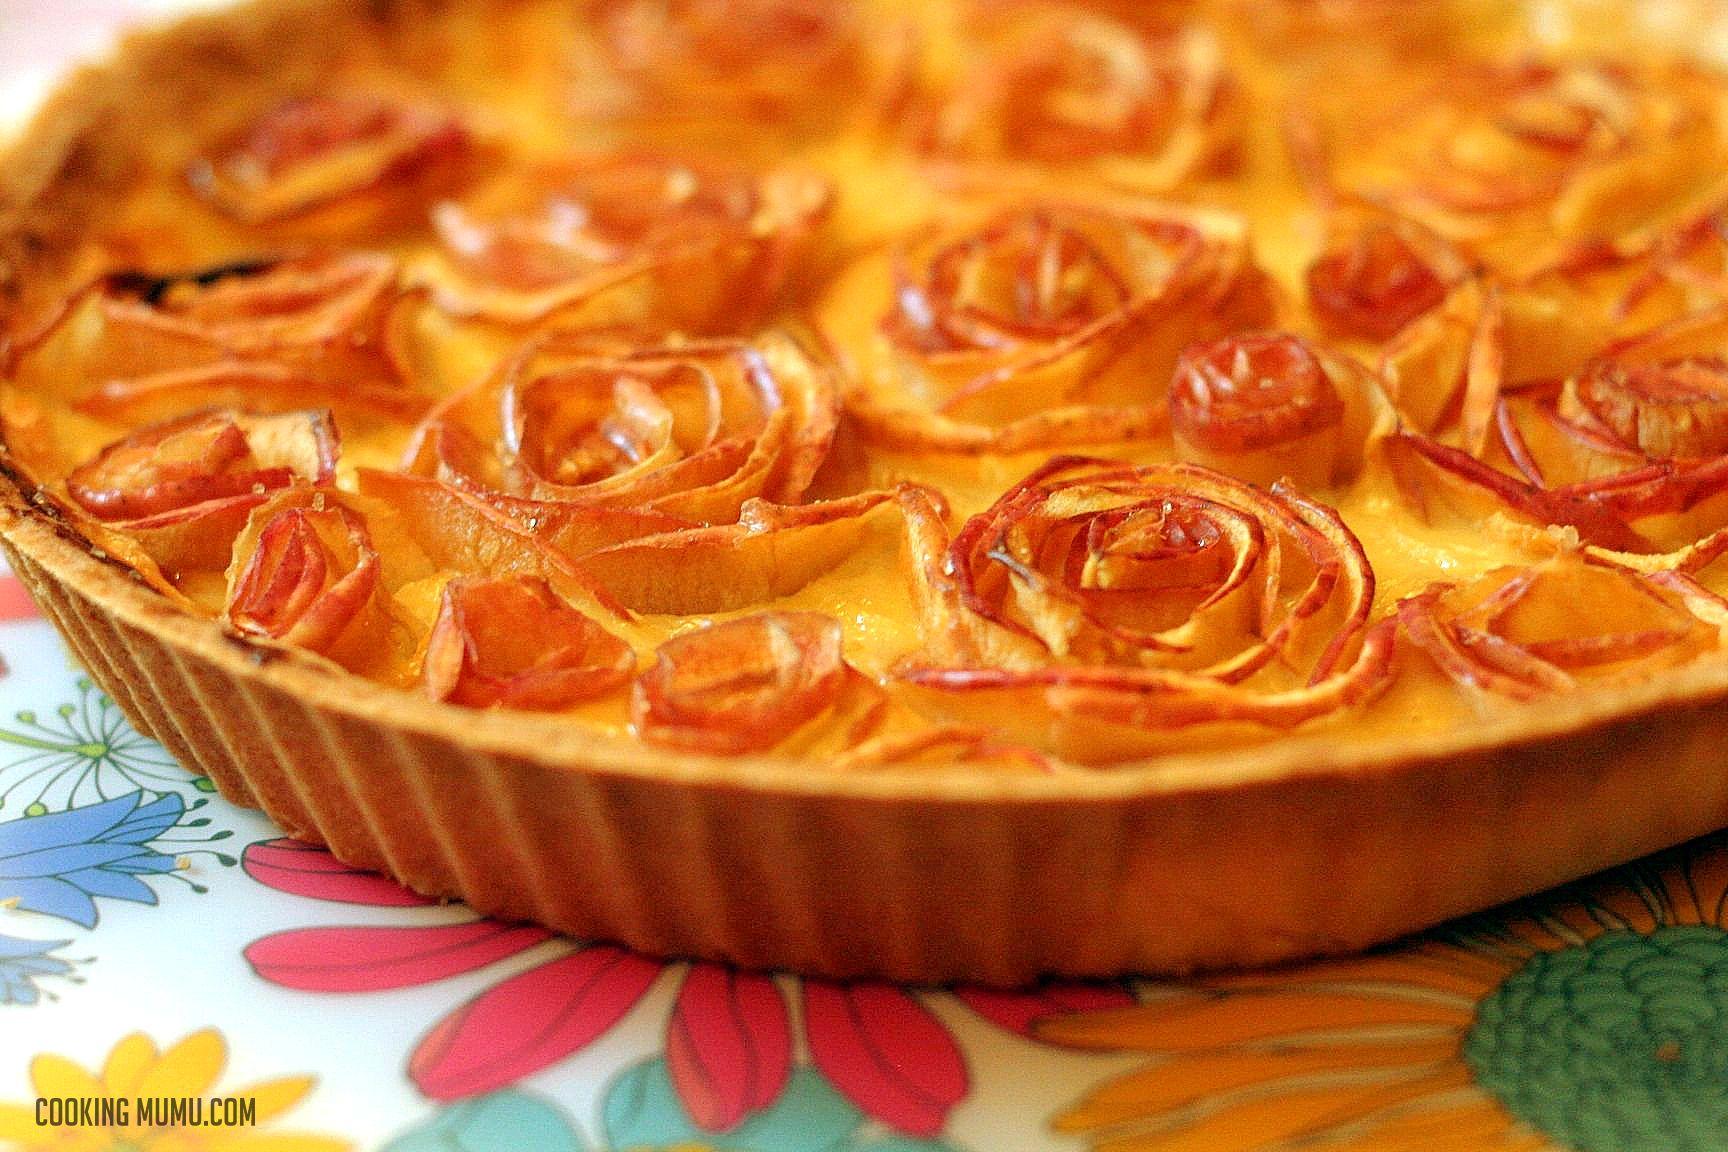 Chausson aux pommes caramel beurre sale